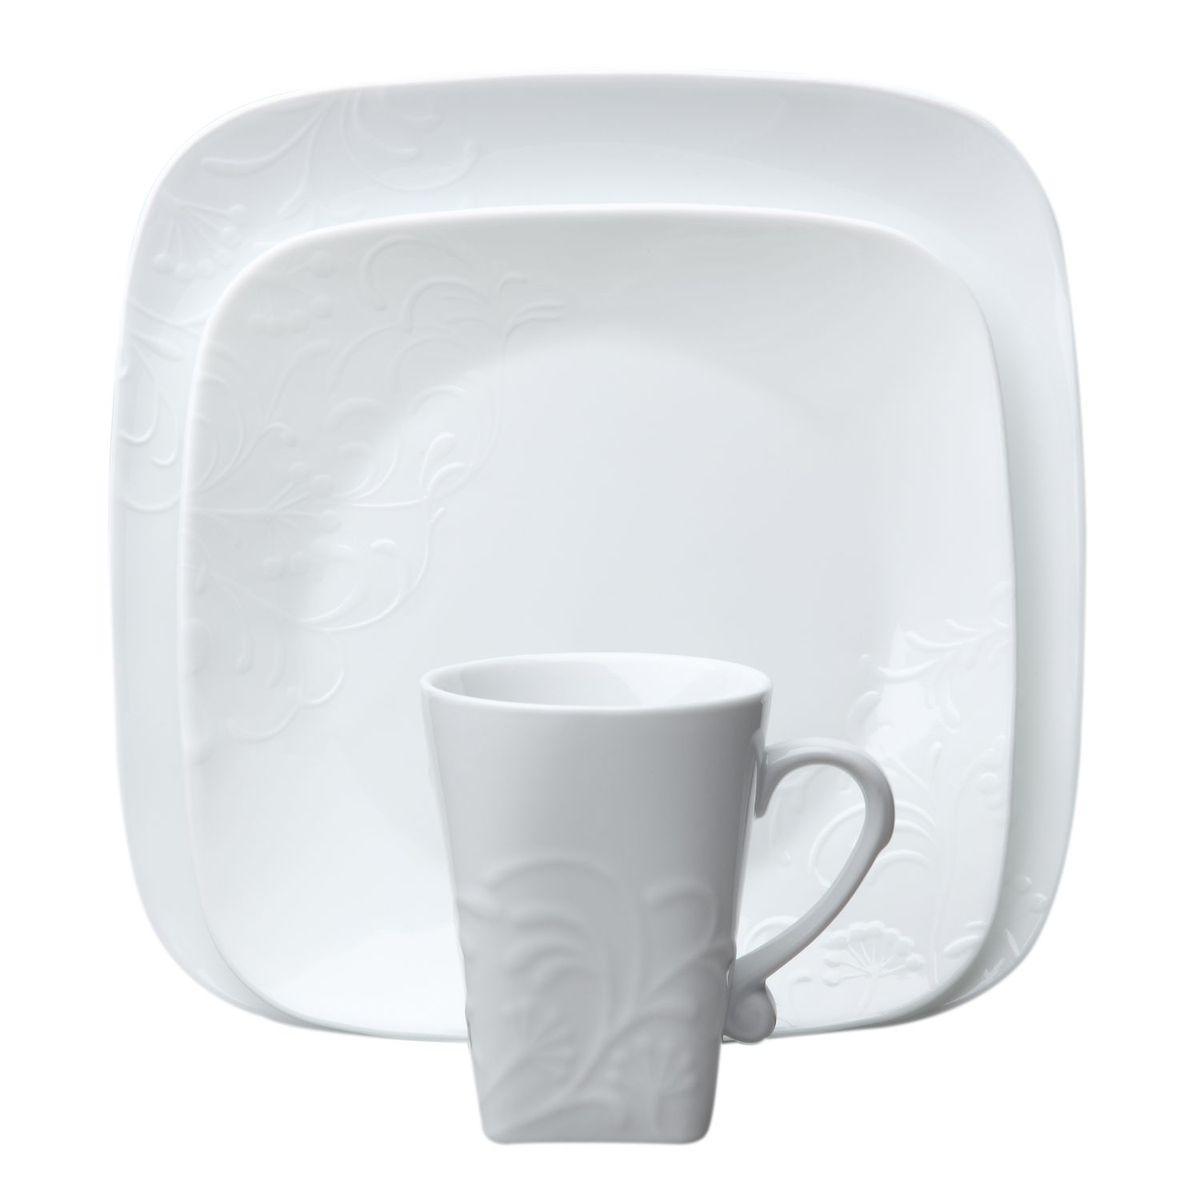 Набор посуды Cherish 16пр, цвет: белый1107902Преимуществами посуды Corelle являются долговечность, красота и безопасность в использовании. Вся посуда Corelle изготавливается из высококачественного ударопрочного трехслойного стекла Vitrelle и украшена деколями американских и европейских дизайнеров. Рисунки не стираются и не царапаются, не теряют свою яркость на протяжении многих лет. Посуда Corelle не впитывает запахов и очень долгое время выглядит как новая. Уникальная эмаль, используемая во время декорирования, фактически становится единым целым с поверхностью стекла, что гарантирует долгое сохранение нанесенного рисунка. Еще одним из главных преимуществ посуды Corelle является ее безопасность. В производстве используются только безопасные для пищи пигменты эмали, при производстве посуды не применяется вредный для здоровья человека меламин. Изделия из материала Vitrelle: Прочные и легкие; Выдерживают температуру до 180С; Могут использоваться в посудомоечной машине и микроволновой печи; Штабелируемые; Устойчивы к царапинам; Ударопрочные; Не содержит меламин.4 обеденные тарелки 26 см; 4 закусочные тарелки 22 см; 4 суповые торелки 650 мл; 4 фарфоровые кружки 340 мл